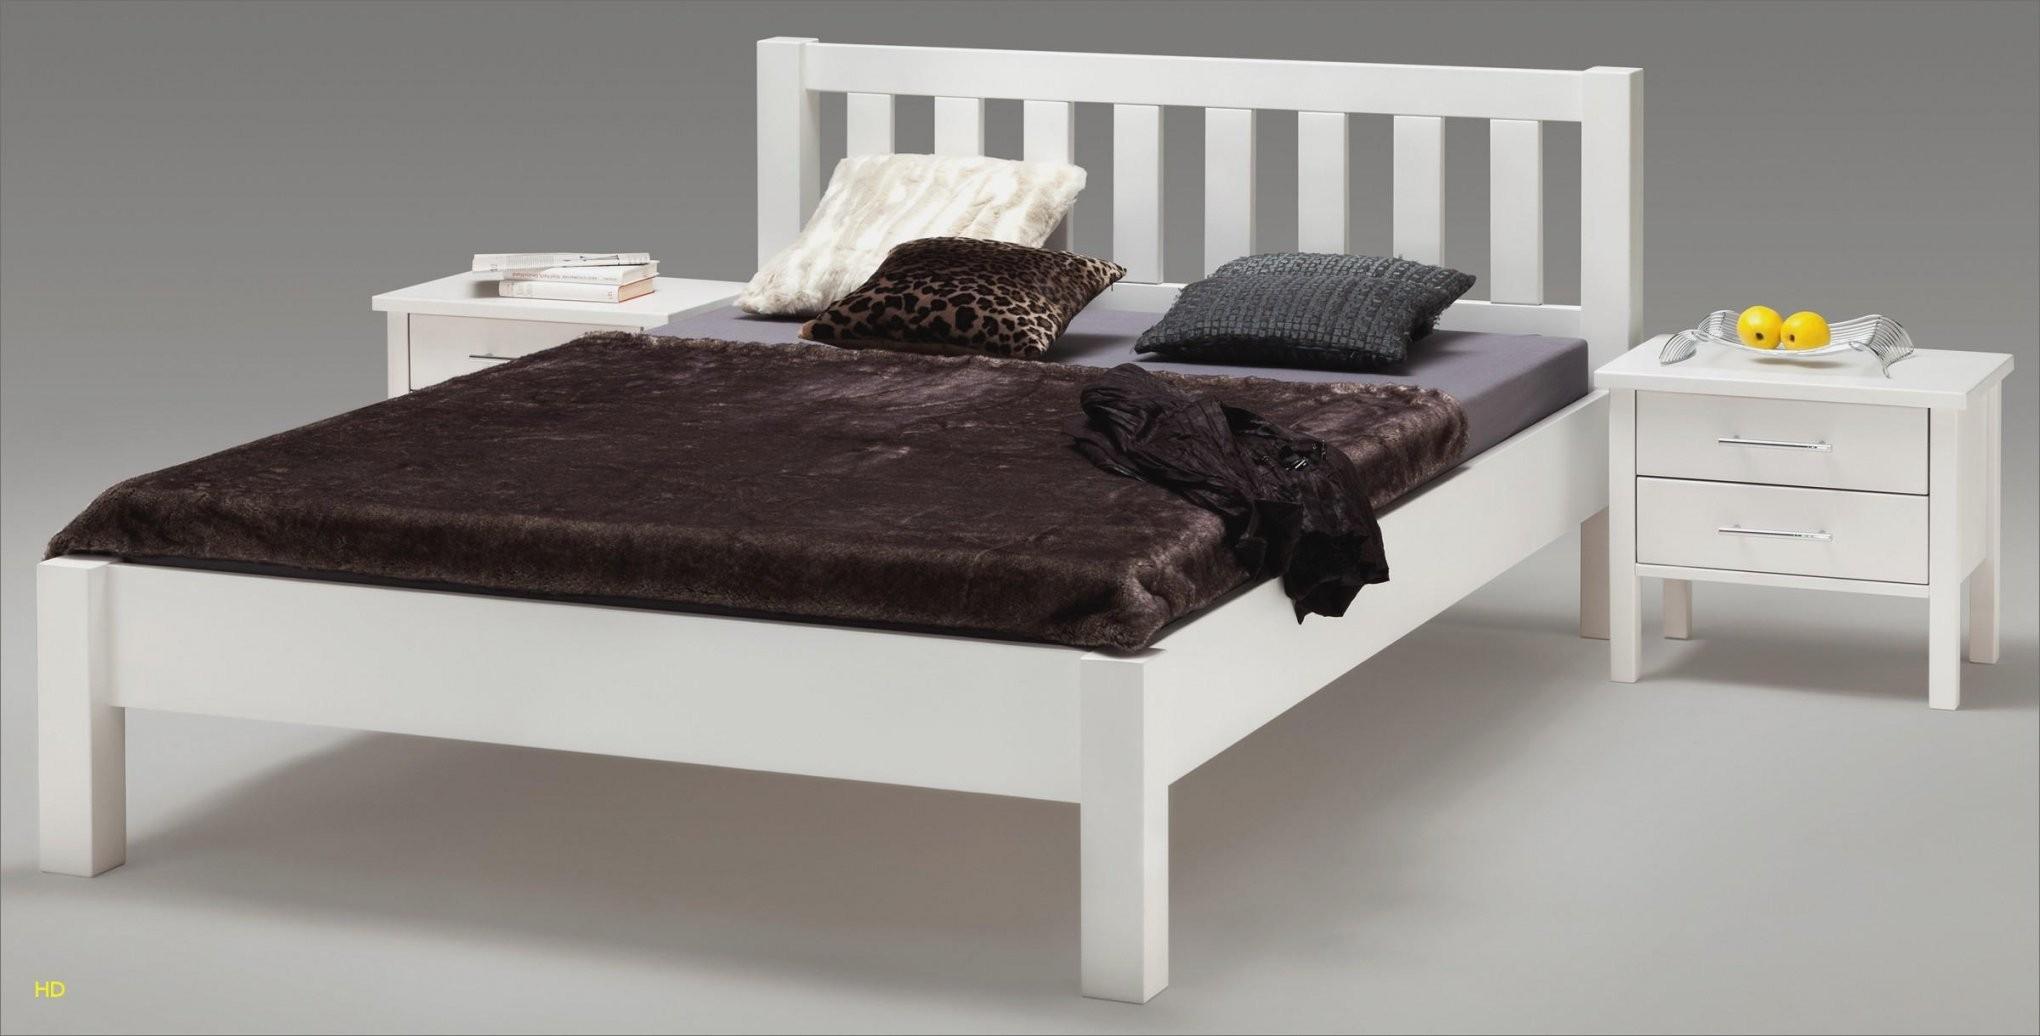 Best Bett Mit Matratze Und Lattenrost 140×200 Günstig Wamustory von 140X200 Bett Mit Matratze Und Lattenrost Günstig Bild